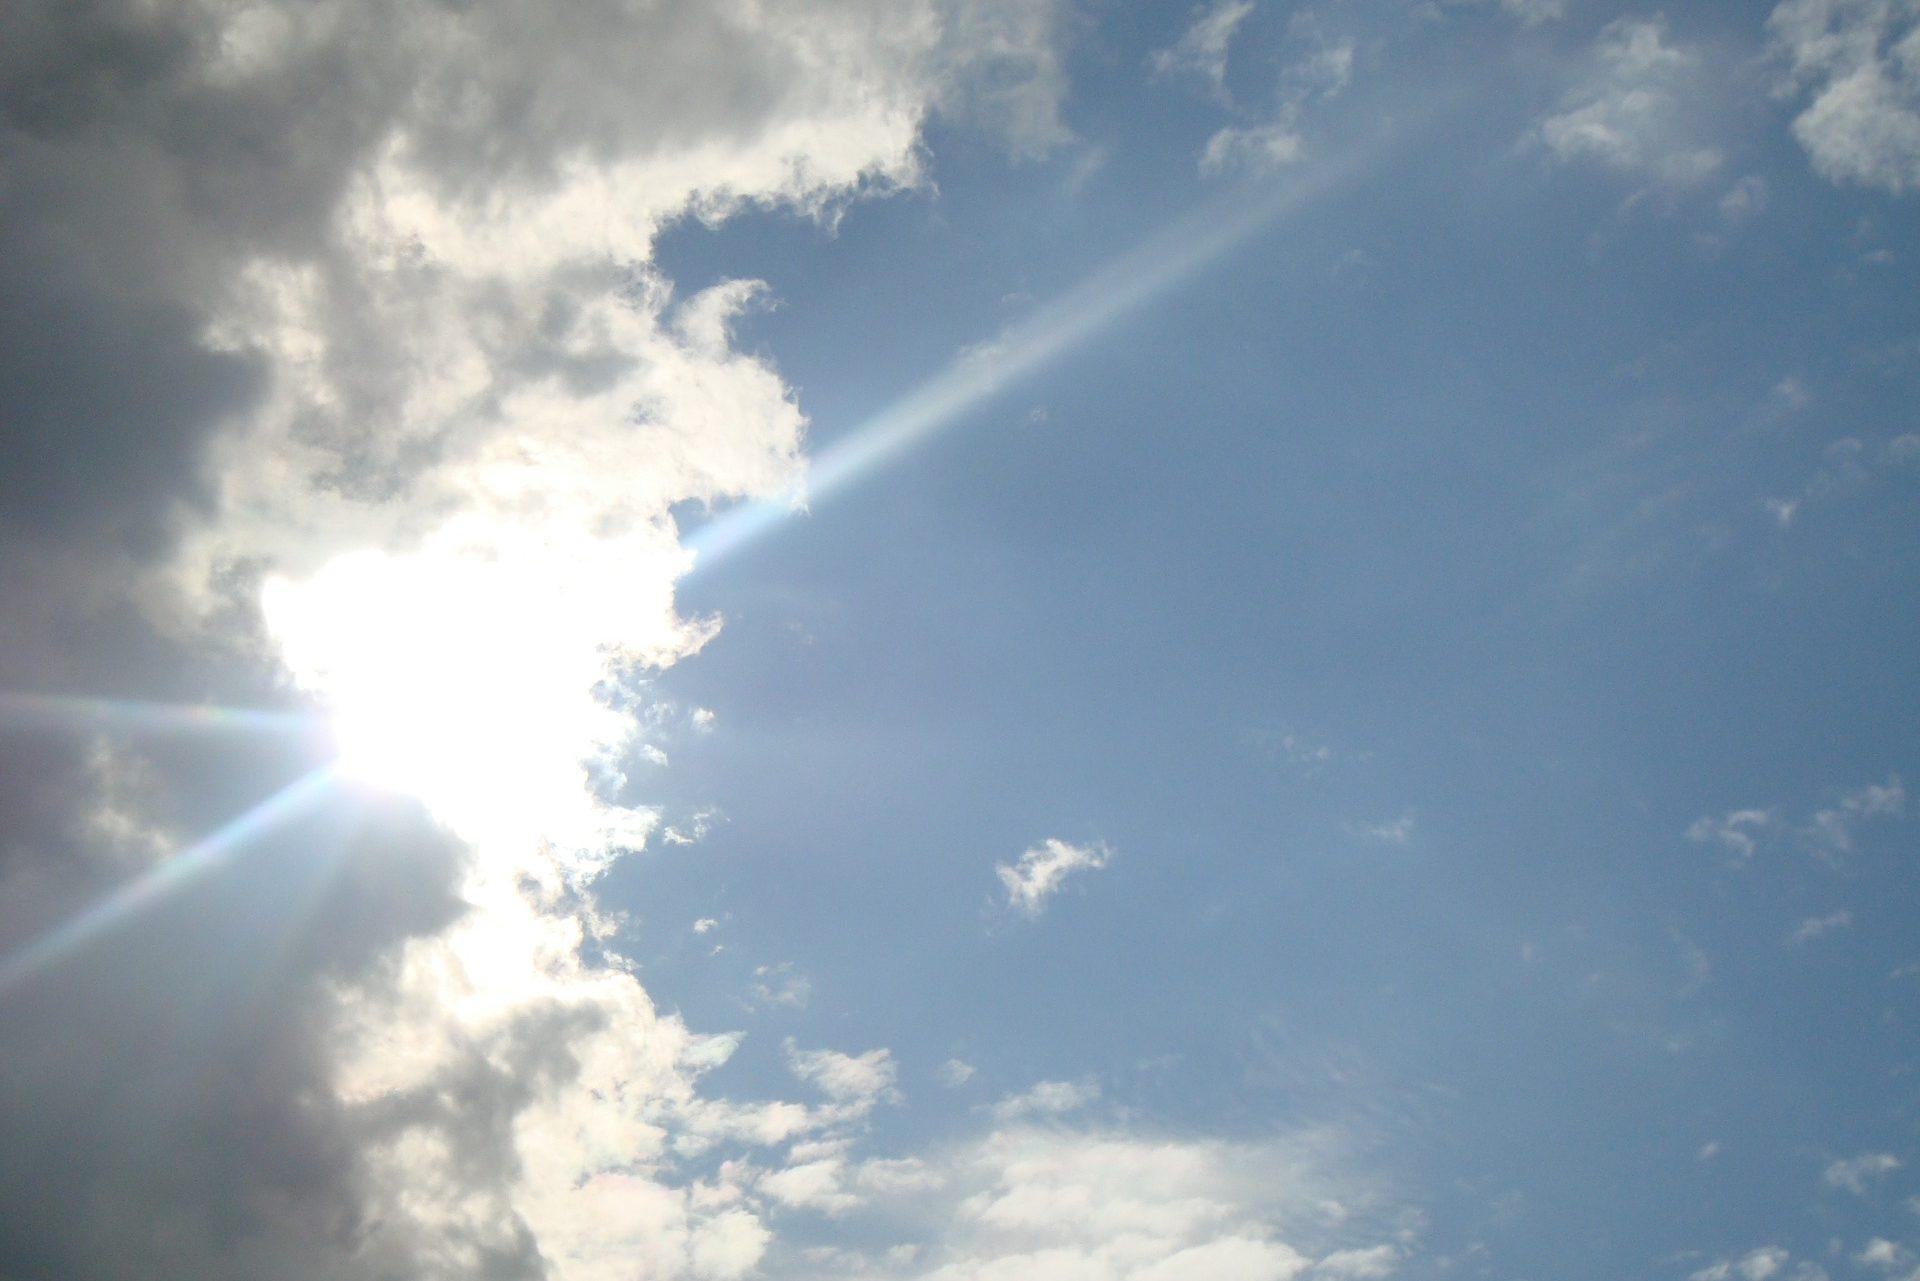 雲の隙間から顔を出した太陽